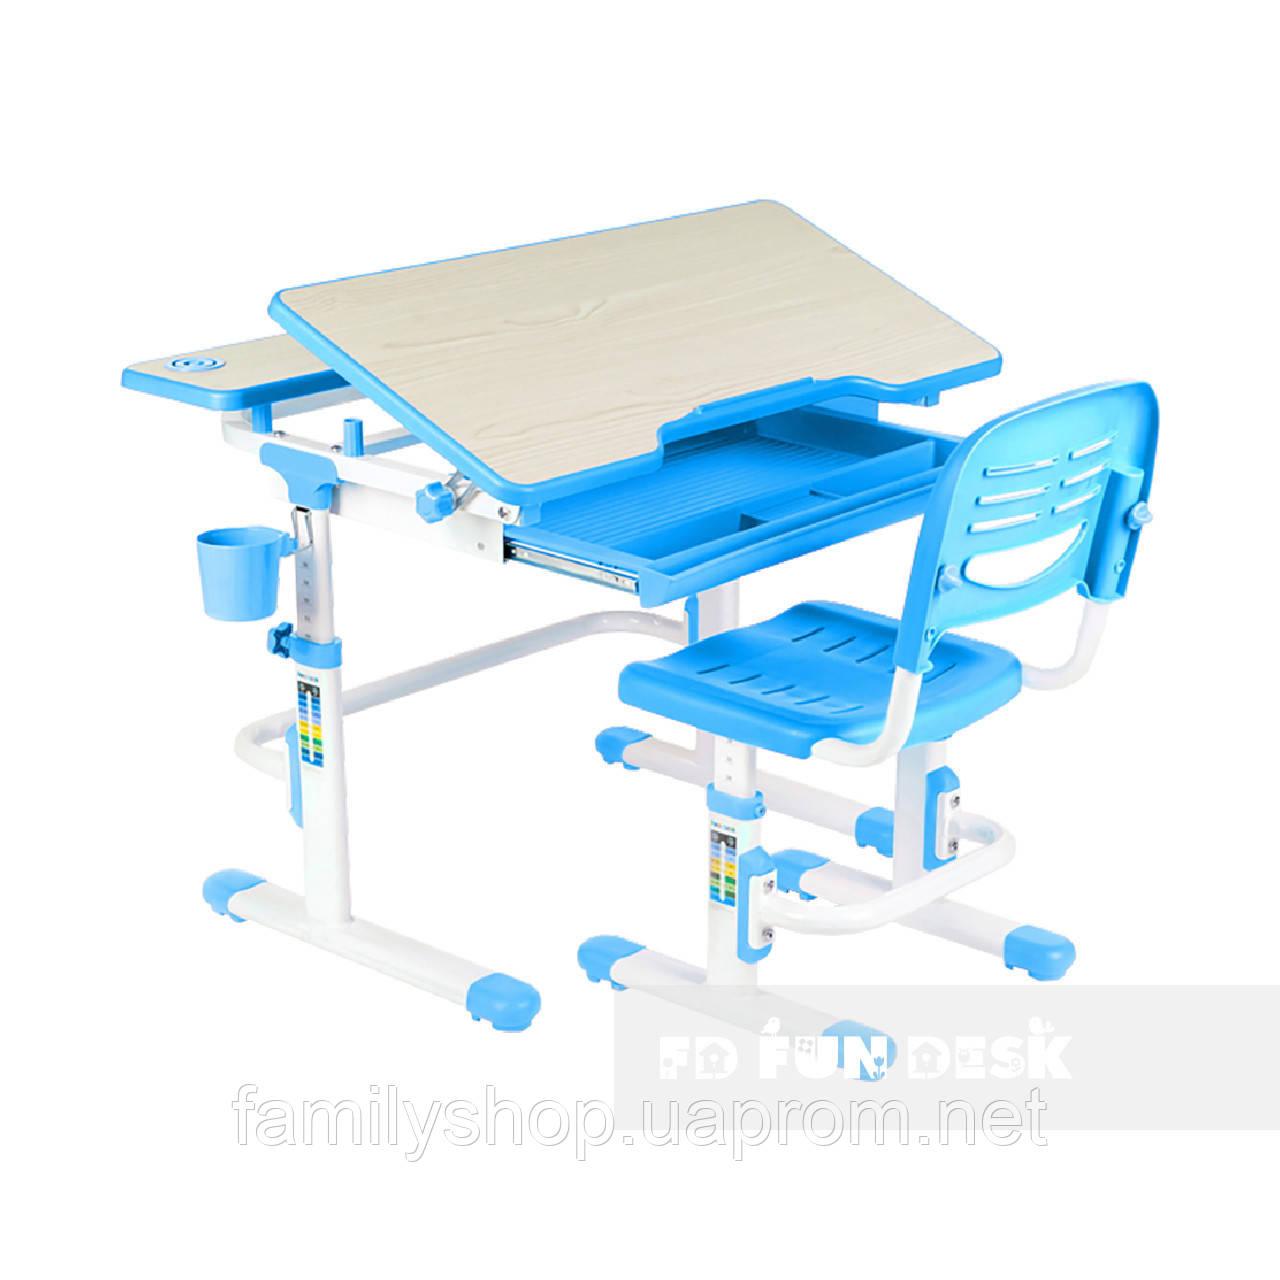 Растущая парта + стульчик для школьника Fundesk Lavoro Blue